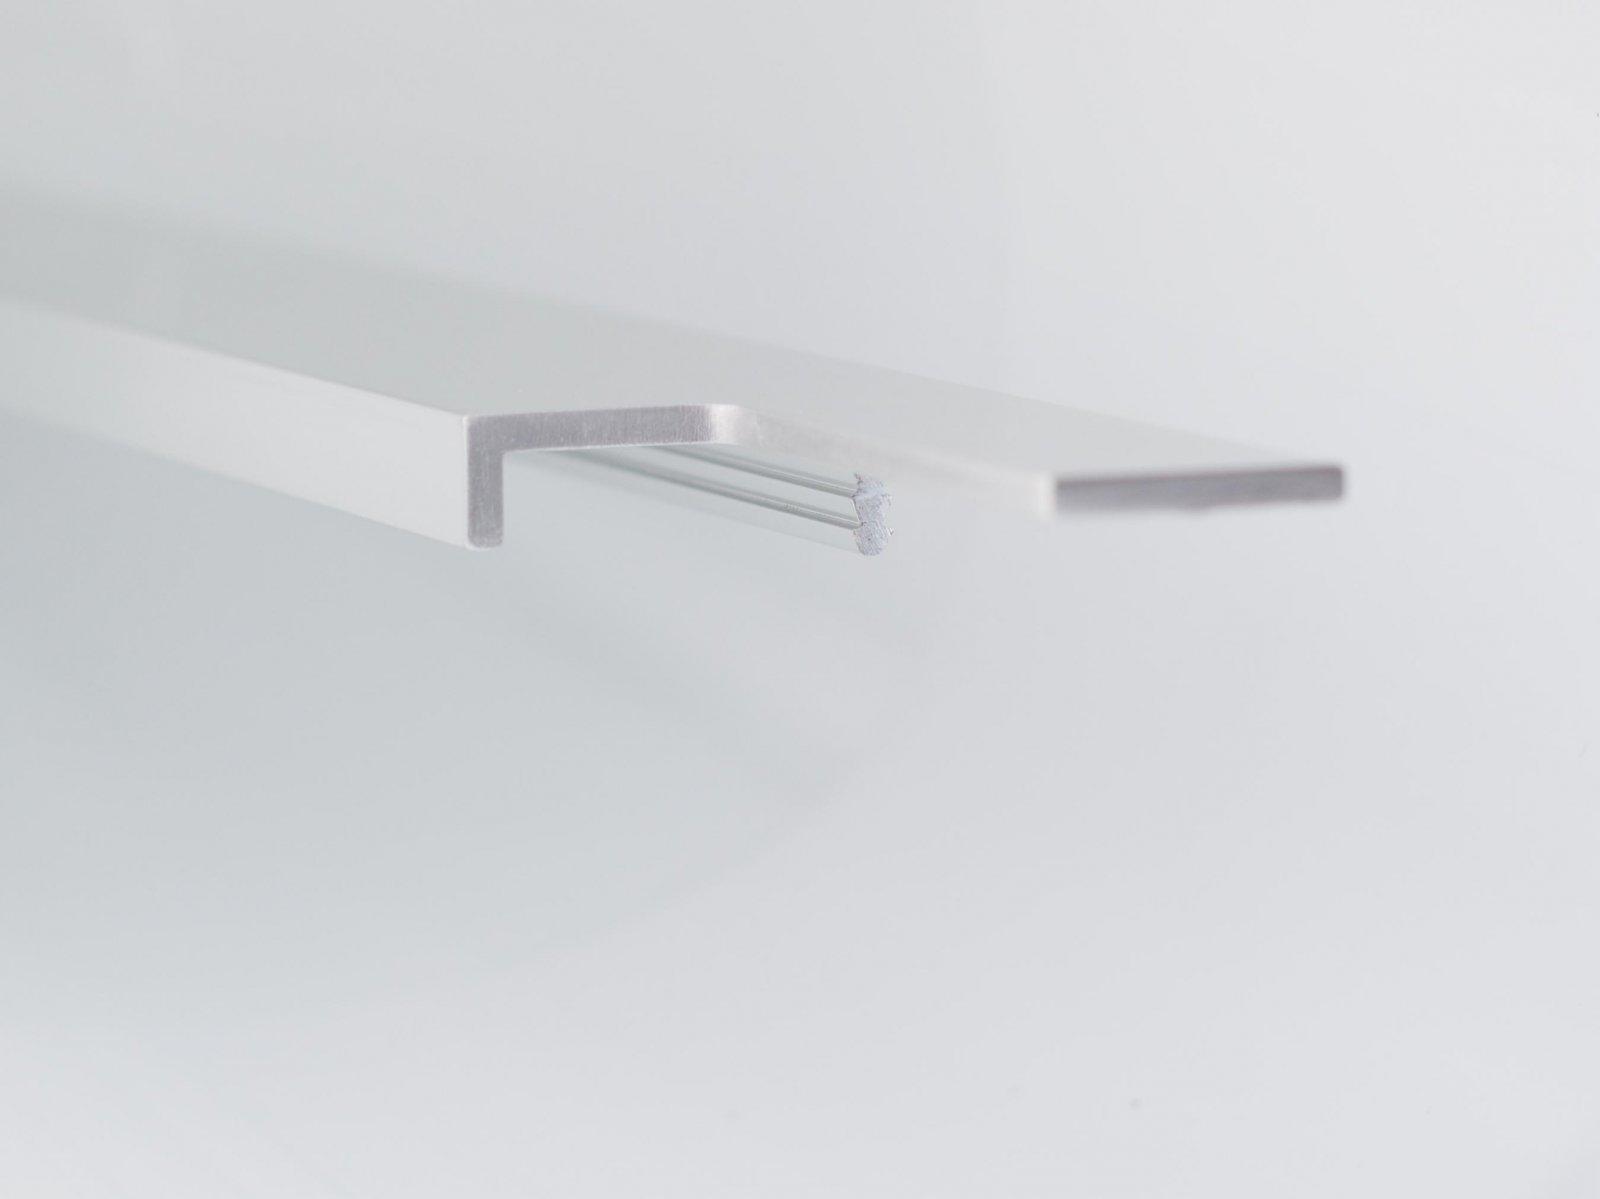 P05 (fenel) c/ recorte horizontal